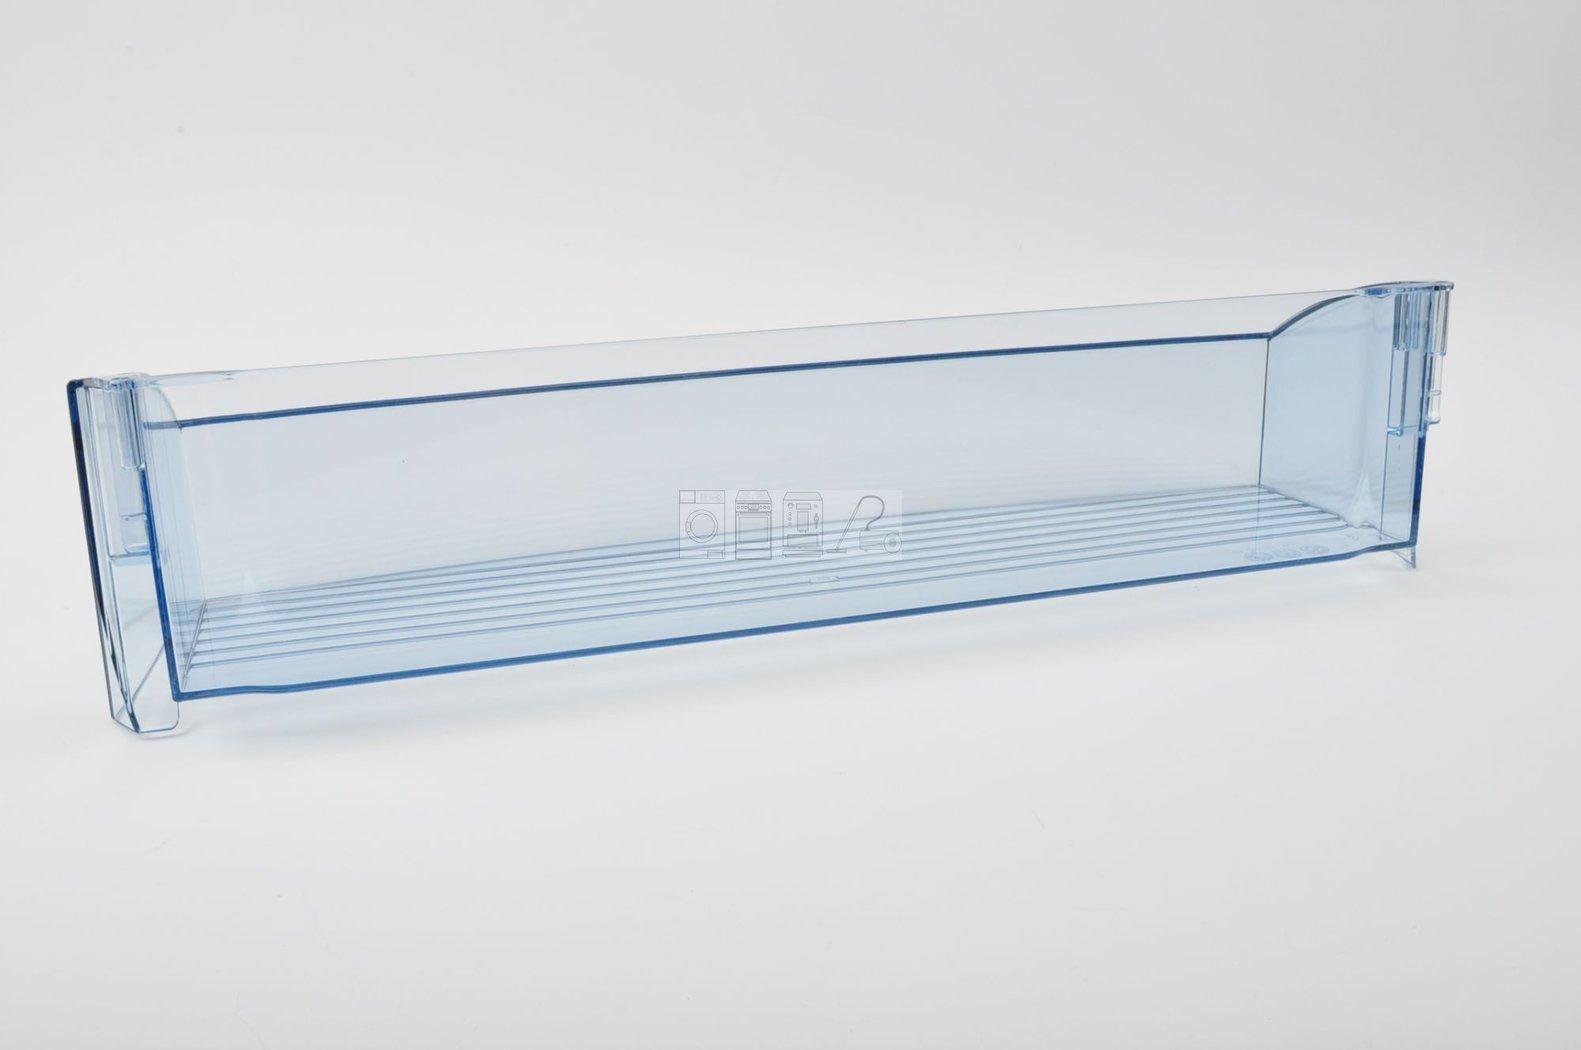 Kühlschrank Türfach : Aeg flaschen tür fach mm kühlschrank standgerÄt